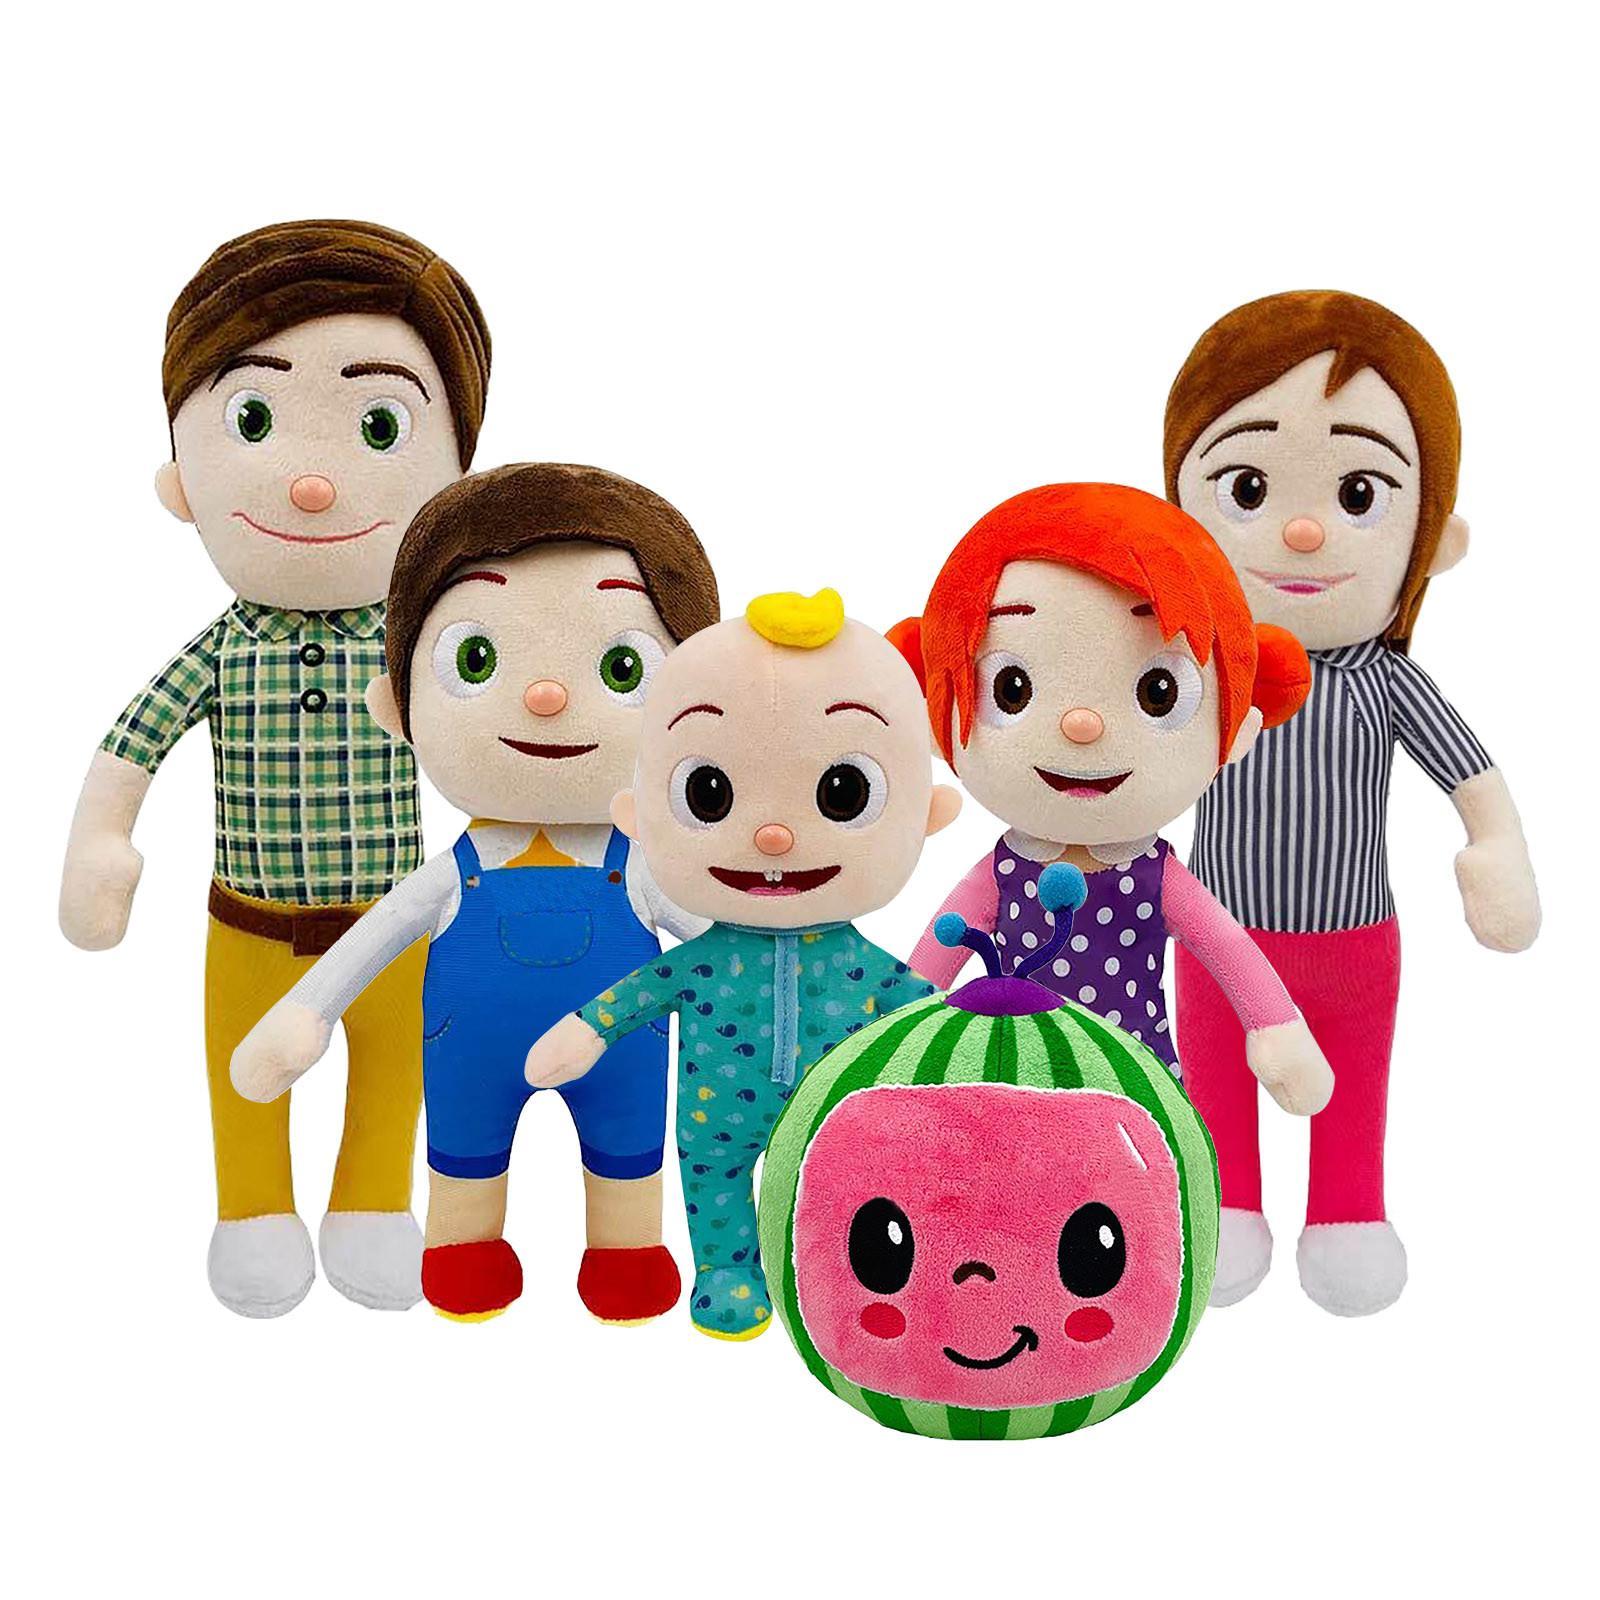 15-33cm cocomélon peluche jouet dessin animé série télévision famille Cocomelon JJ famille soeur frère maman et papa jouet dall dall kids chritmas cadeau